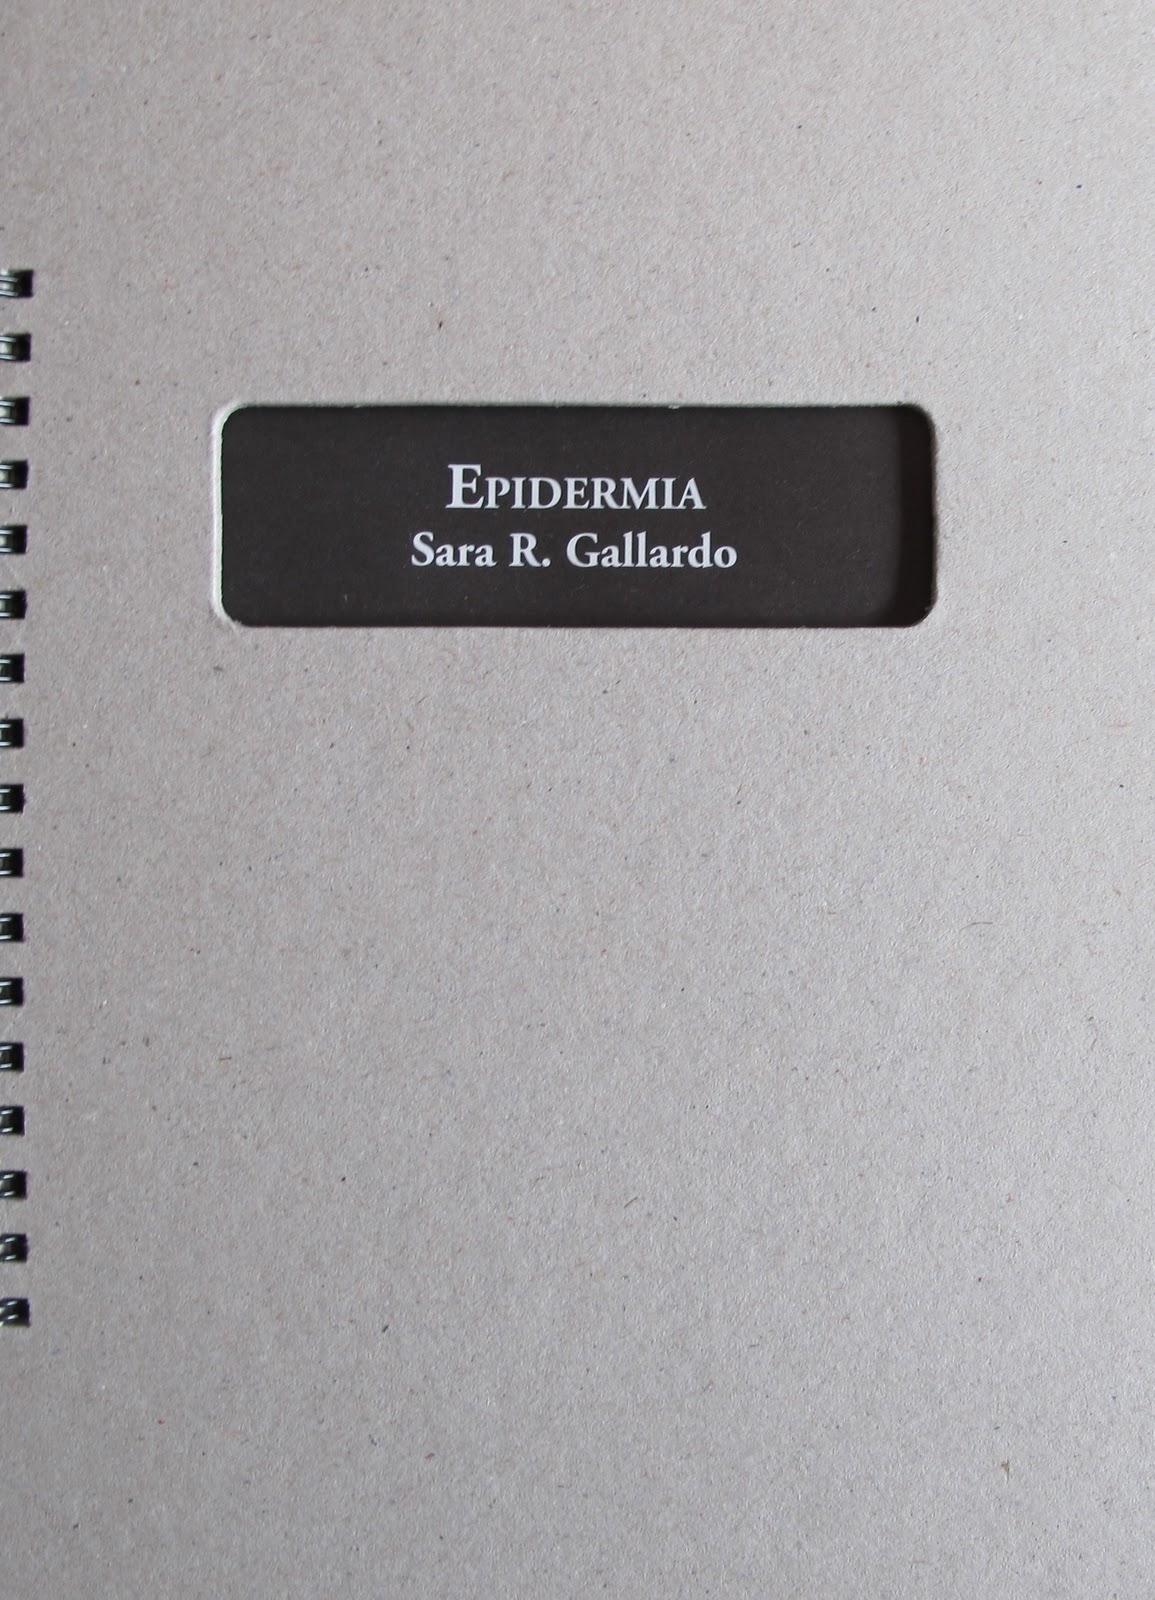 Epidermia (El Gaviero, 2011)